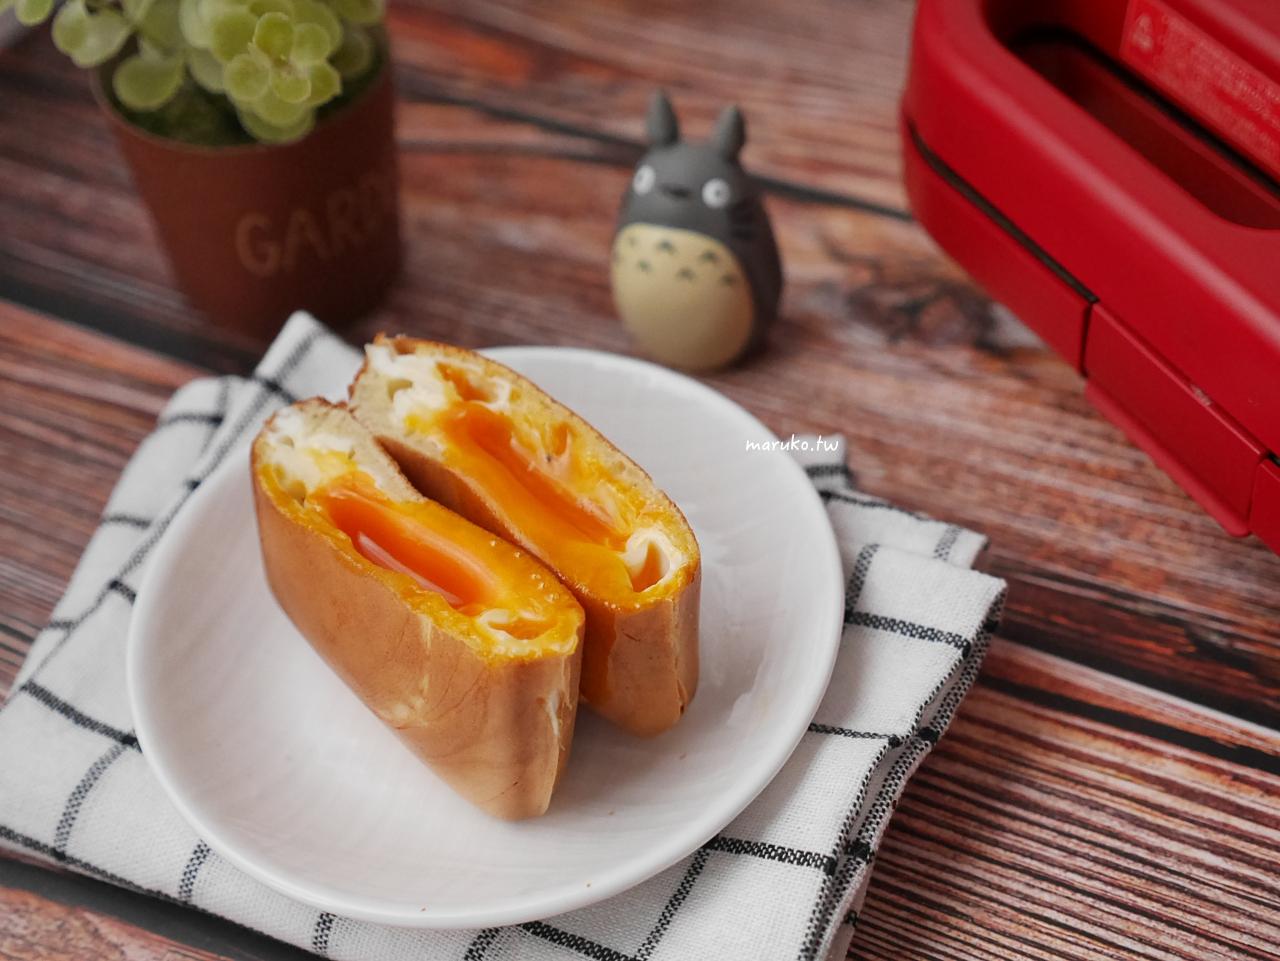 【食譜】爆漿雞蛋燒 韓國街邊小吃 方型烤盤 Vitantonio 鬆餅機食譜 @Maruko與美食有個約會